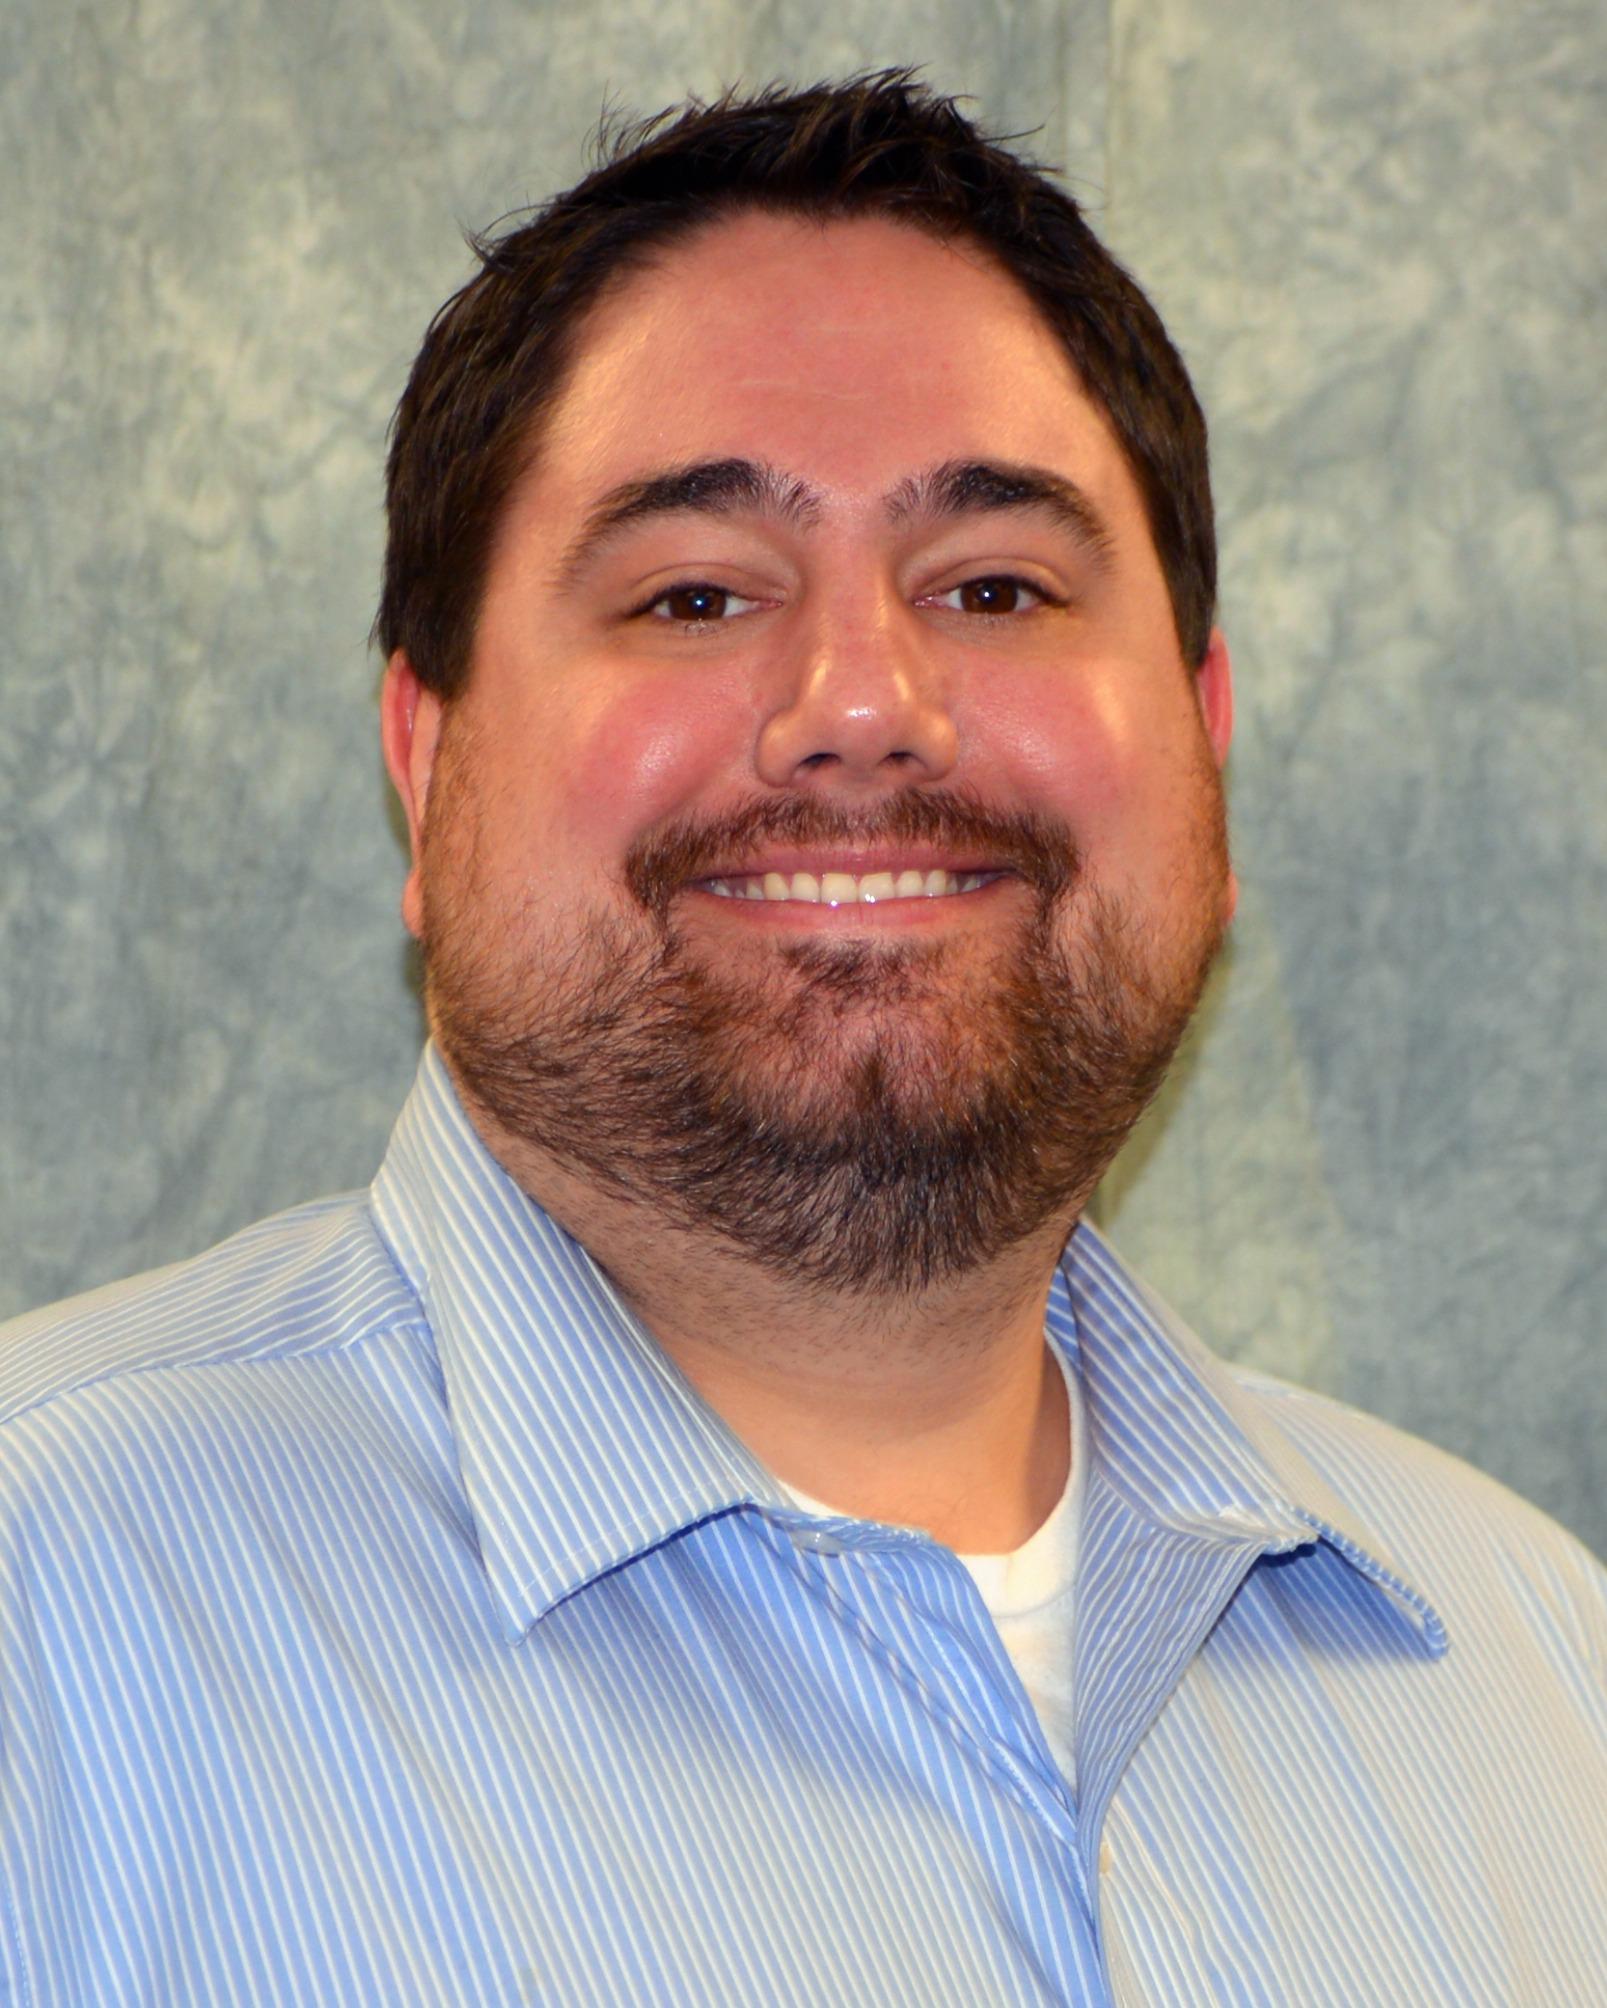 David Falletta